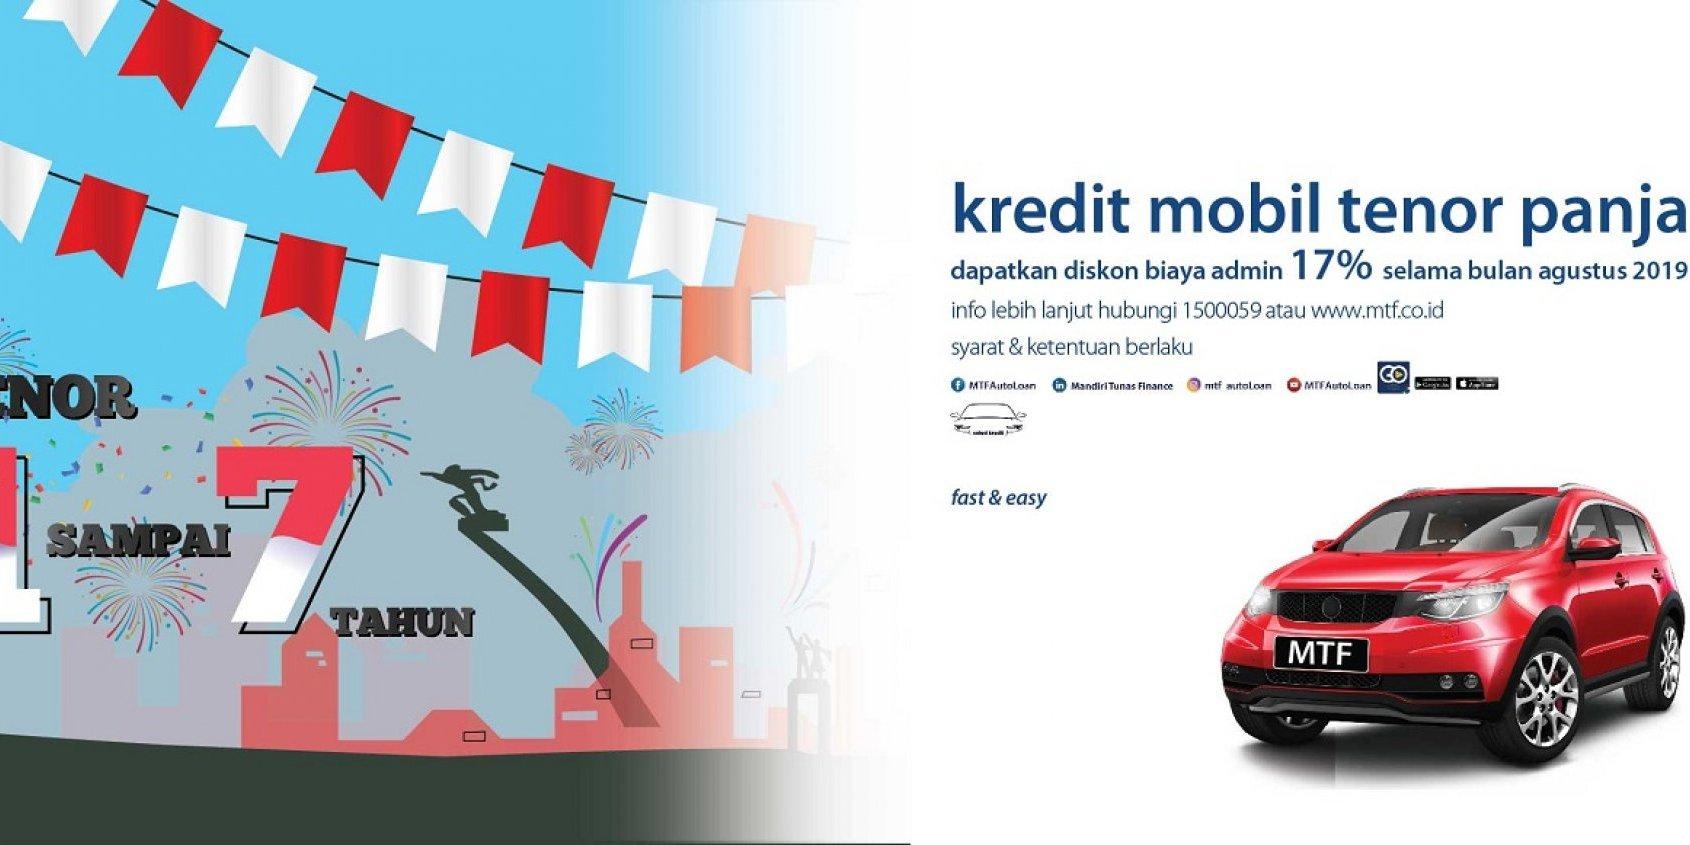 Kredit Mobil Tenor Panjang